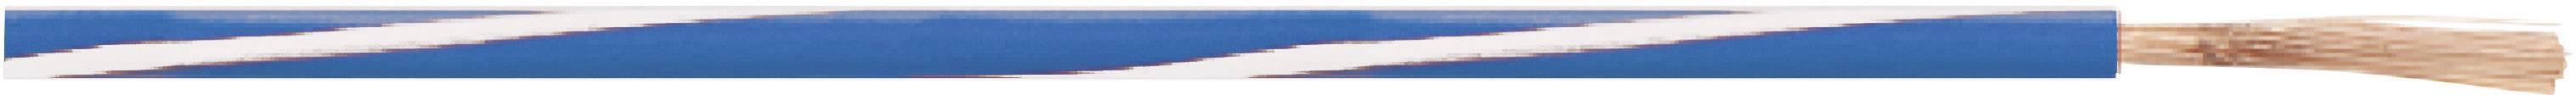 Opletenie / lanko LappKabel 4512373S X05V-K, 1 x 1 mm², vonkajší Ø 2.60 mm, metrový tovar, fialová, biela